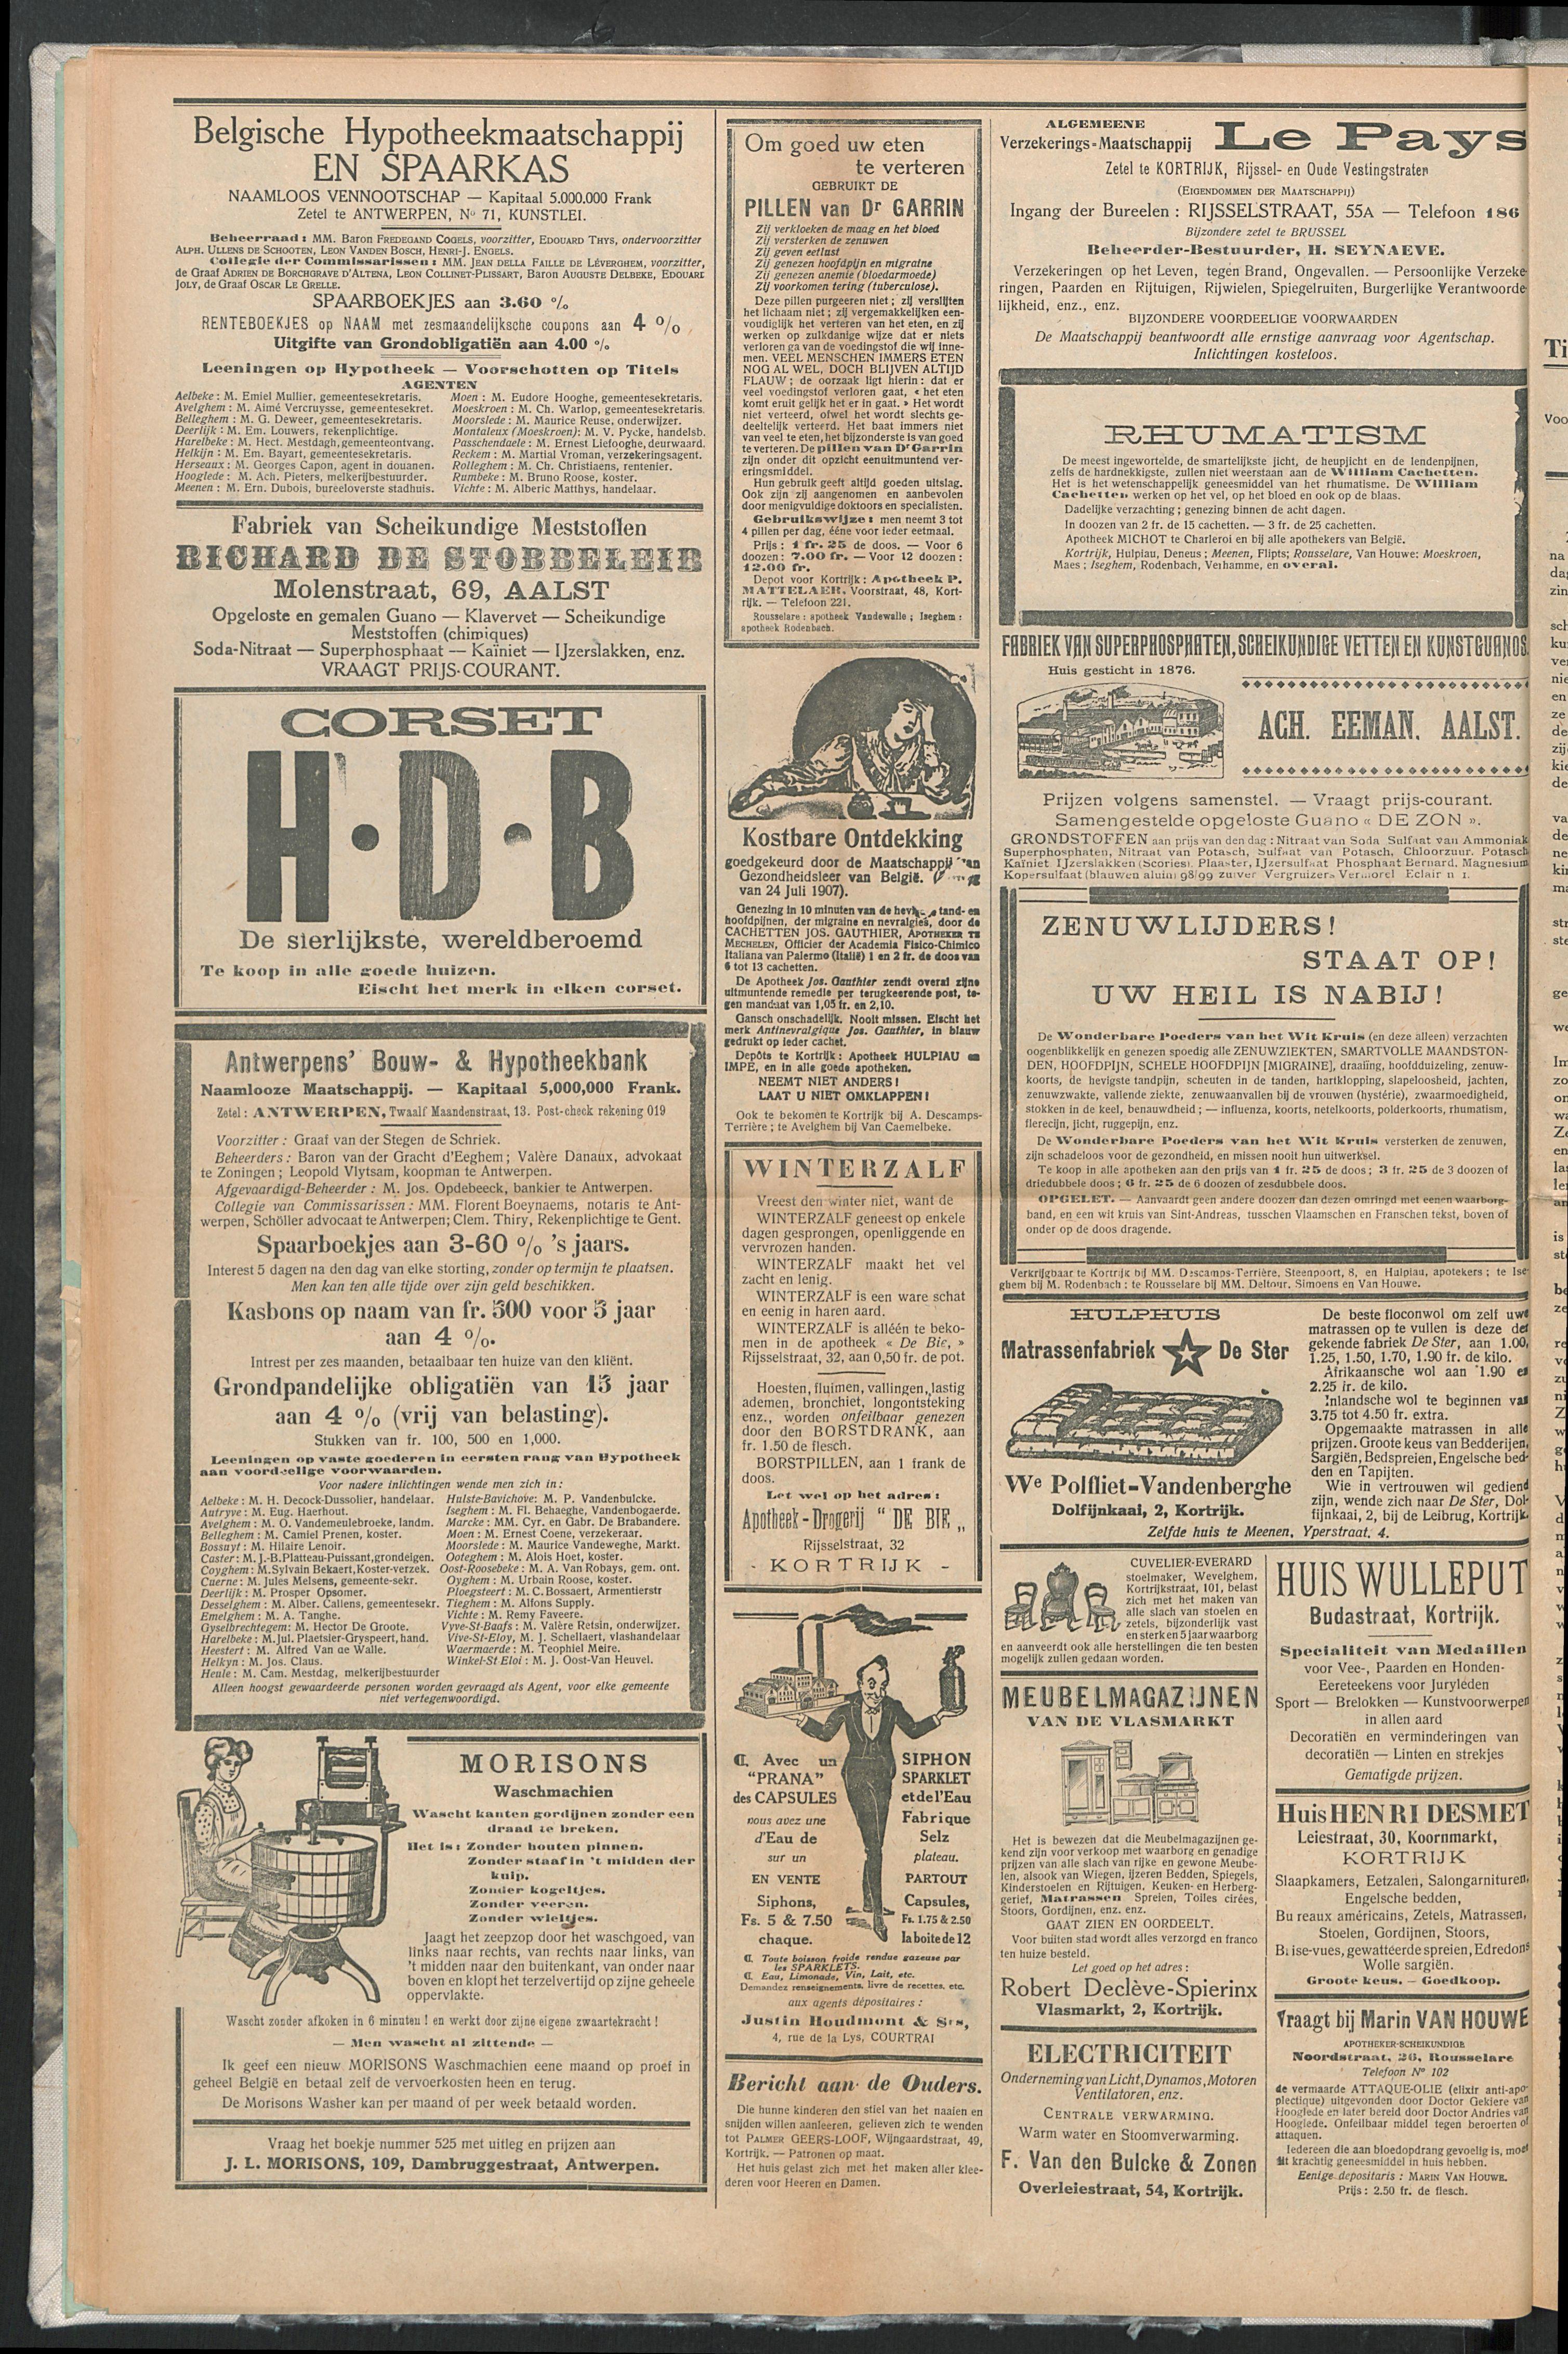 Het Kortrijksche Volk 1914-02-08 p8